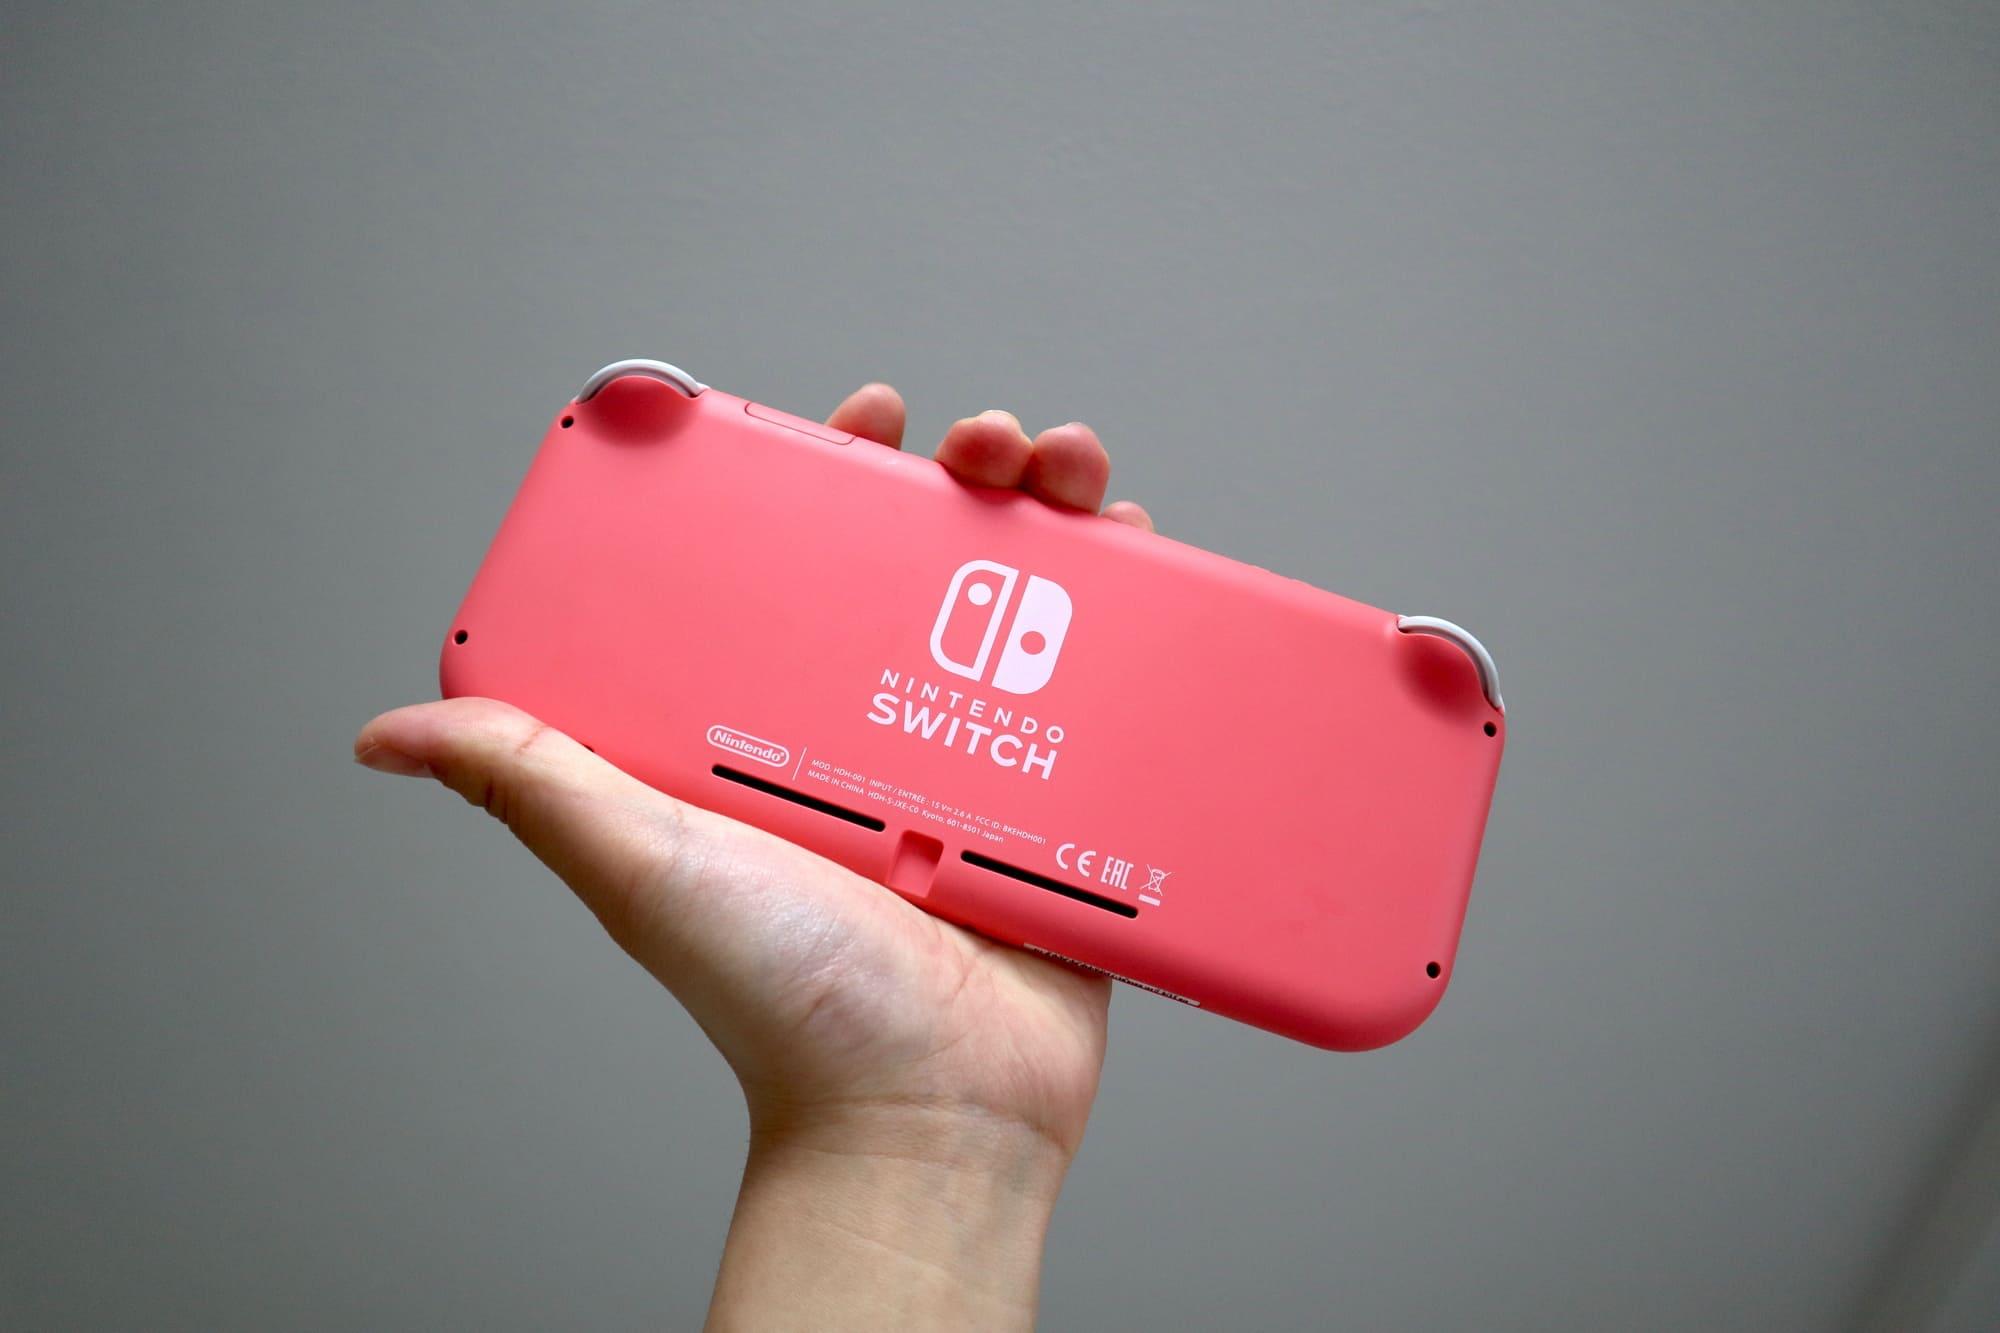 Switch Liteコーラルの重さ